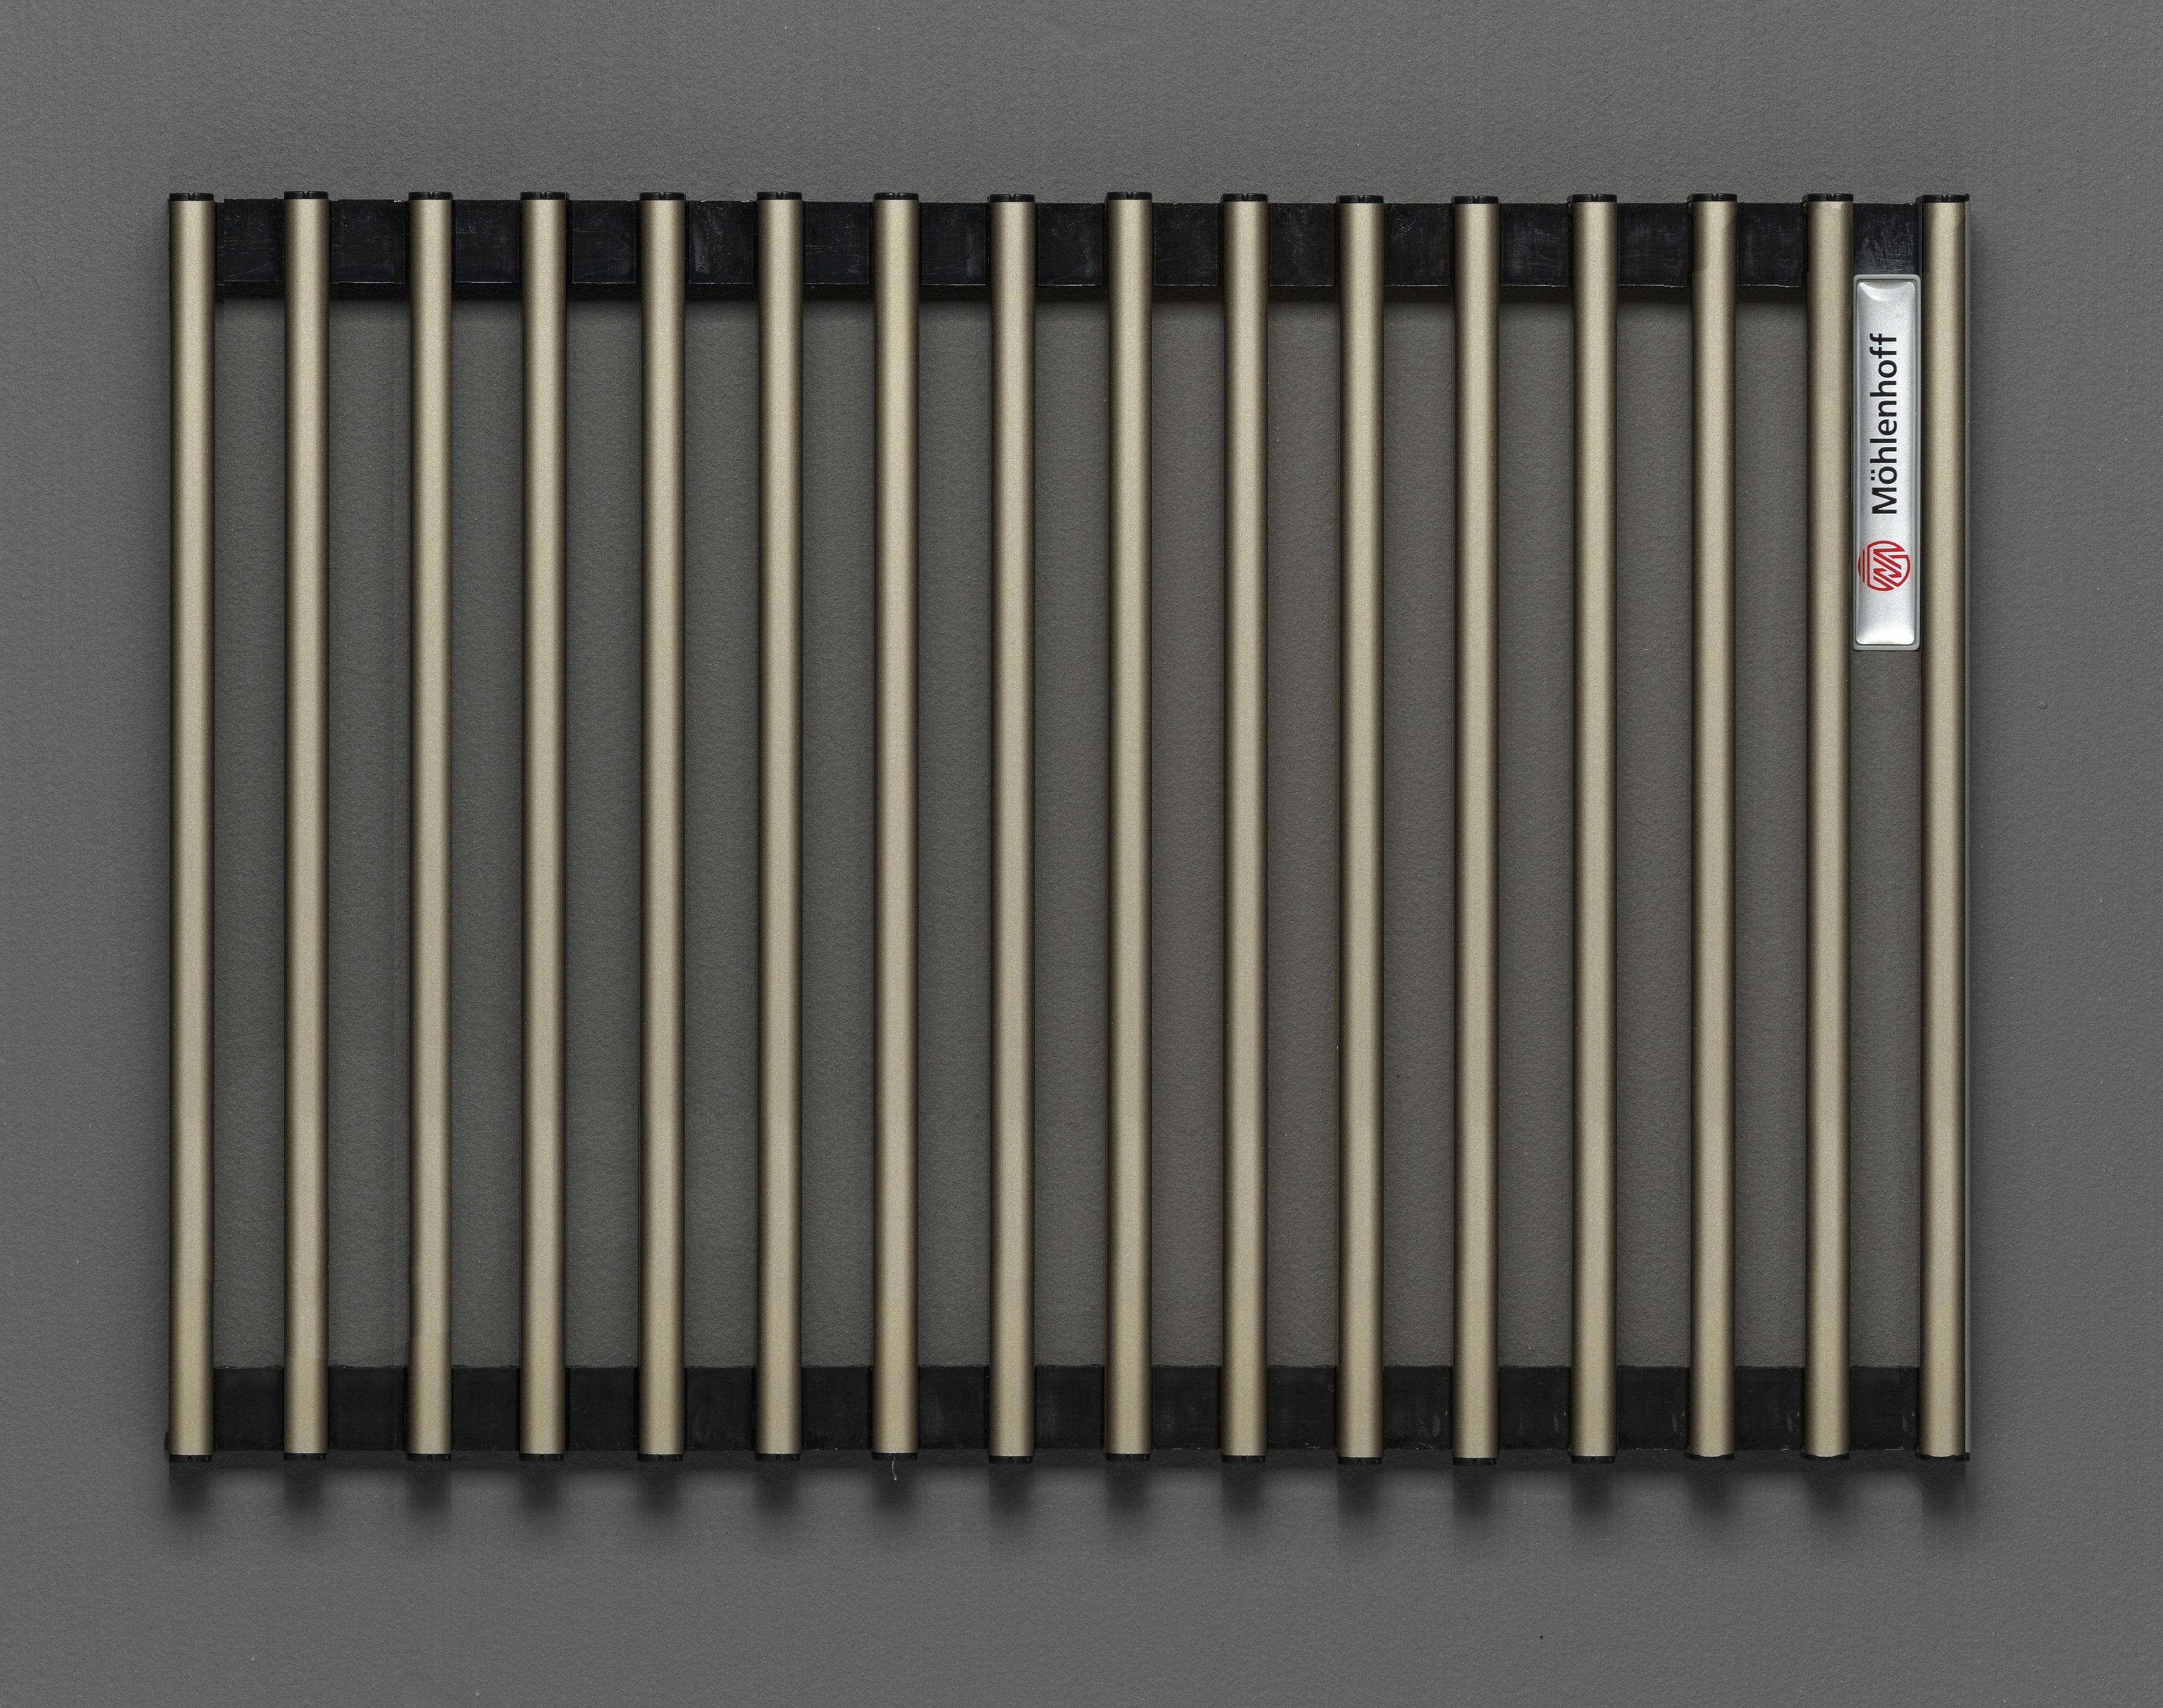 Купить Декоративная решётка Mohlenhoff светлая бронза, шириной 360 мм 1 пог. м, Россия